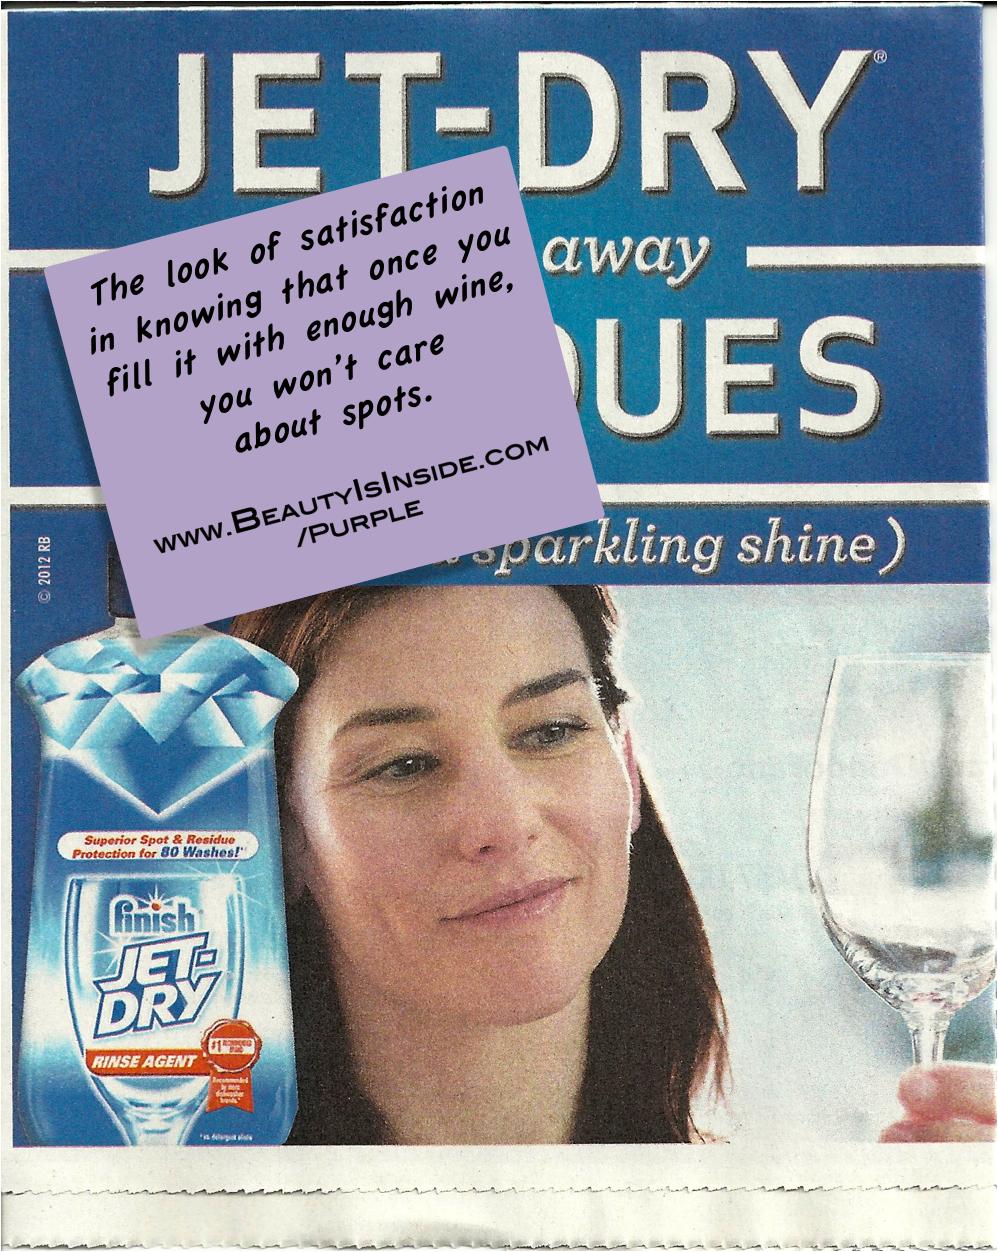 Jet-Dry